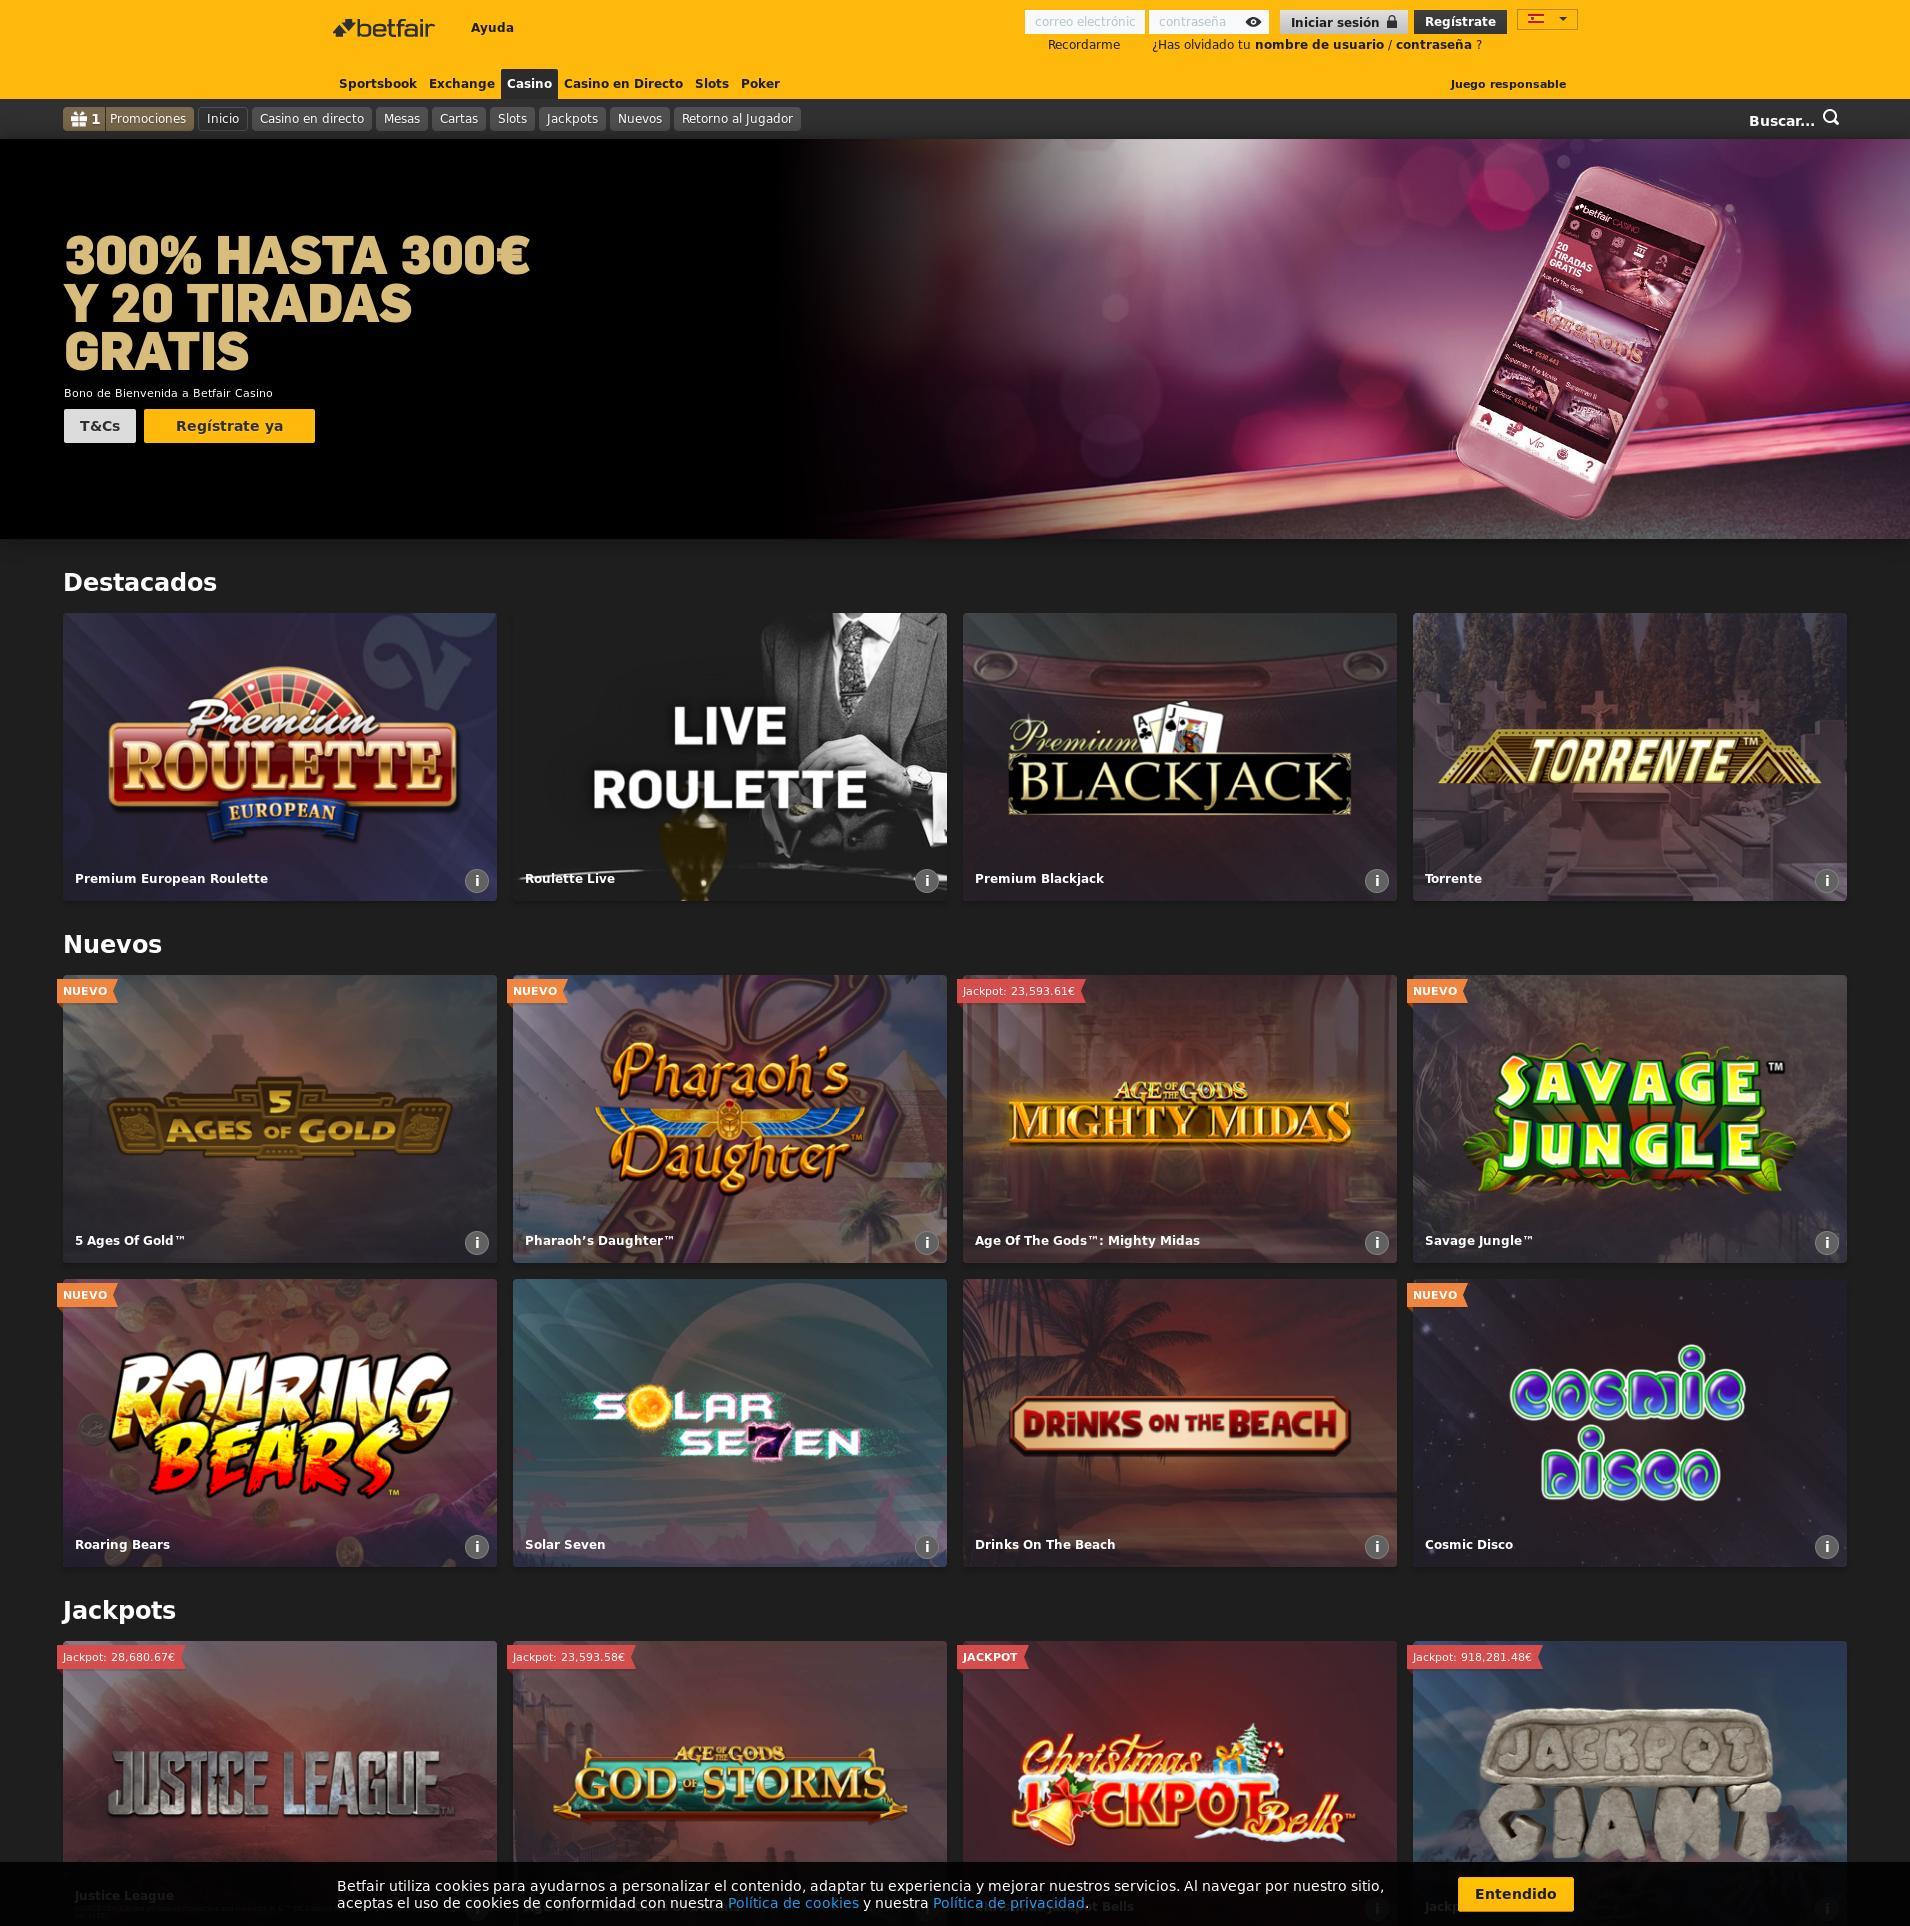 Pantalla de casino Lobby 2019-10-19 para España